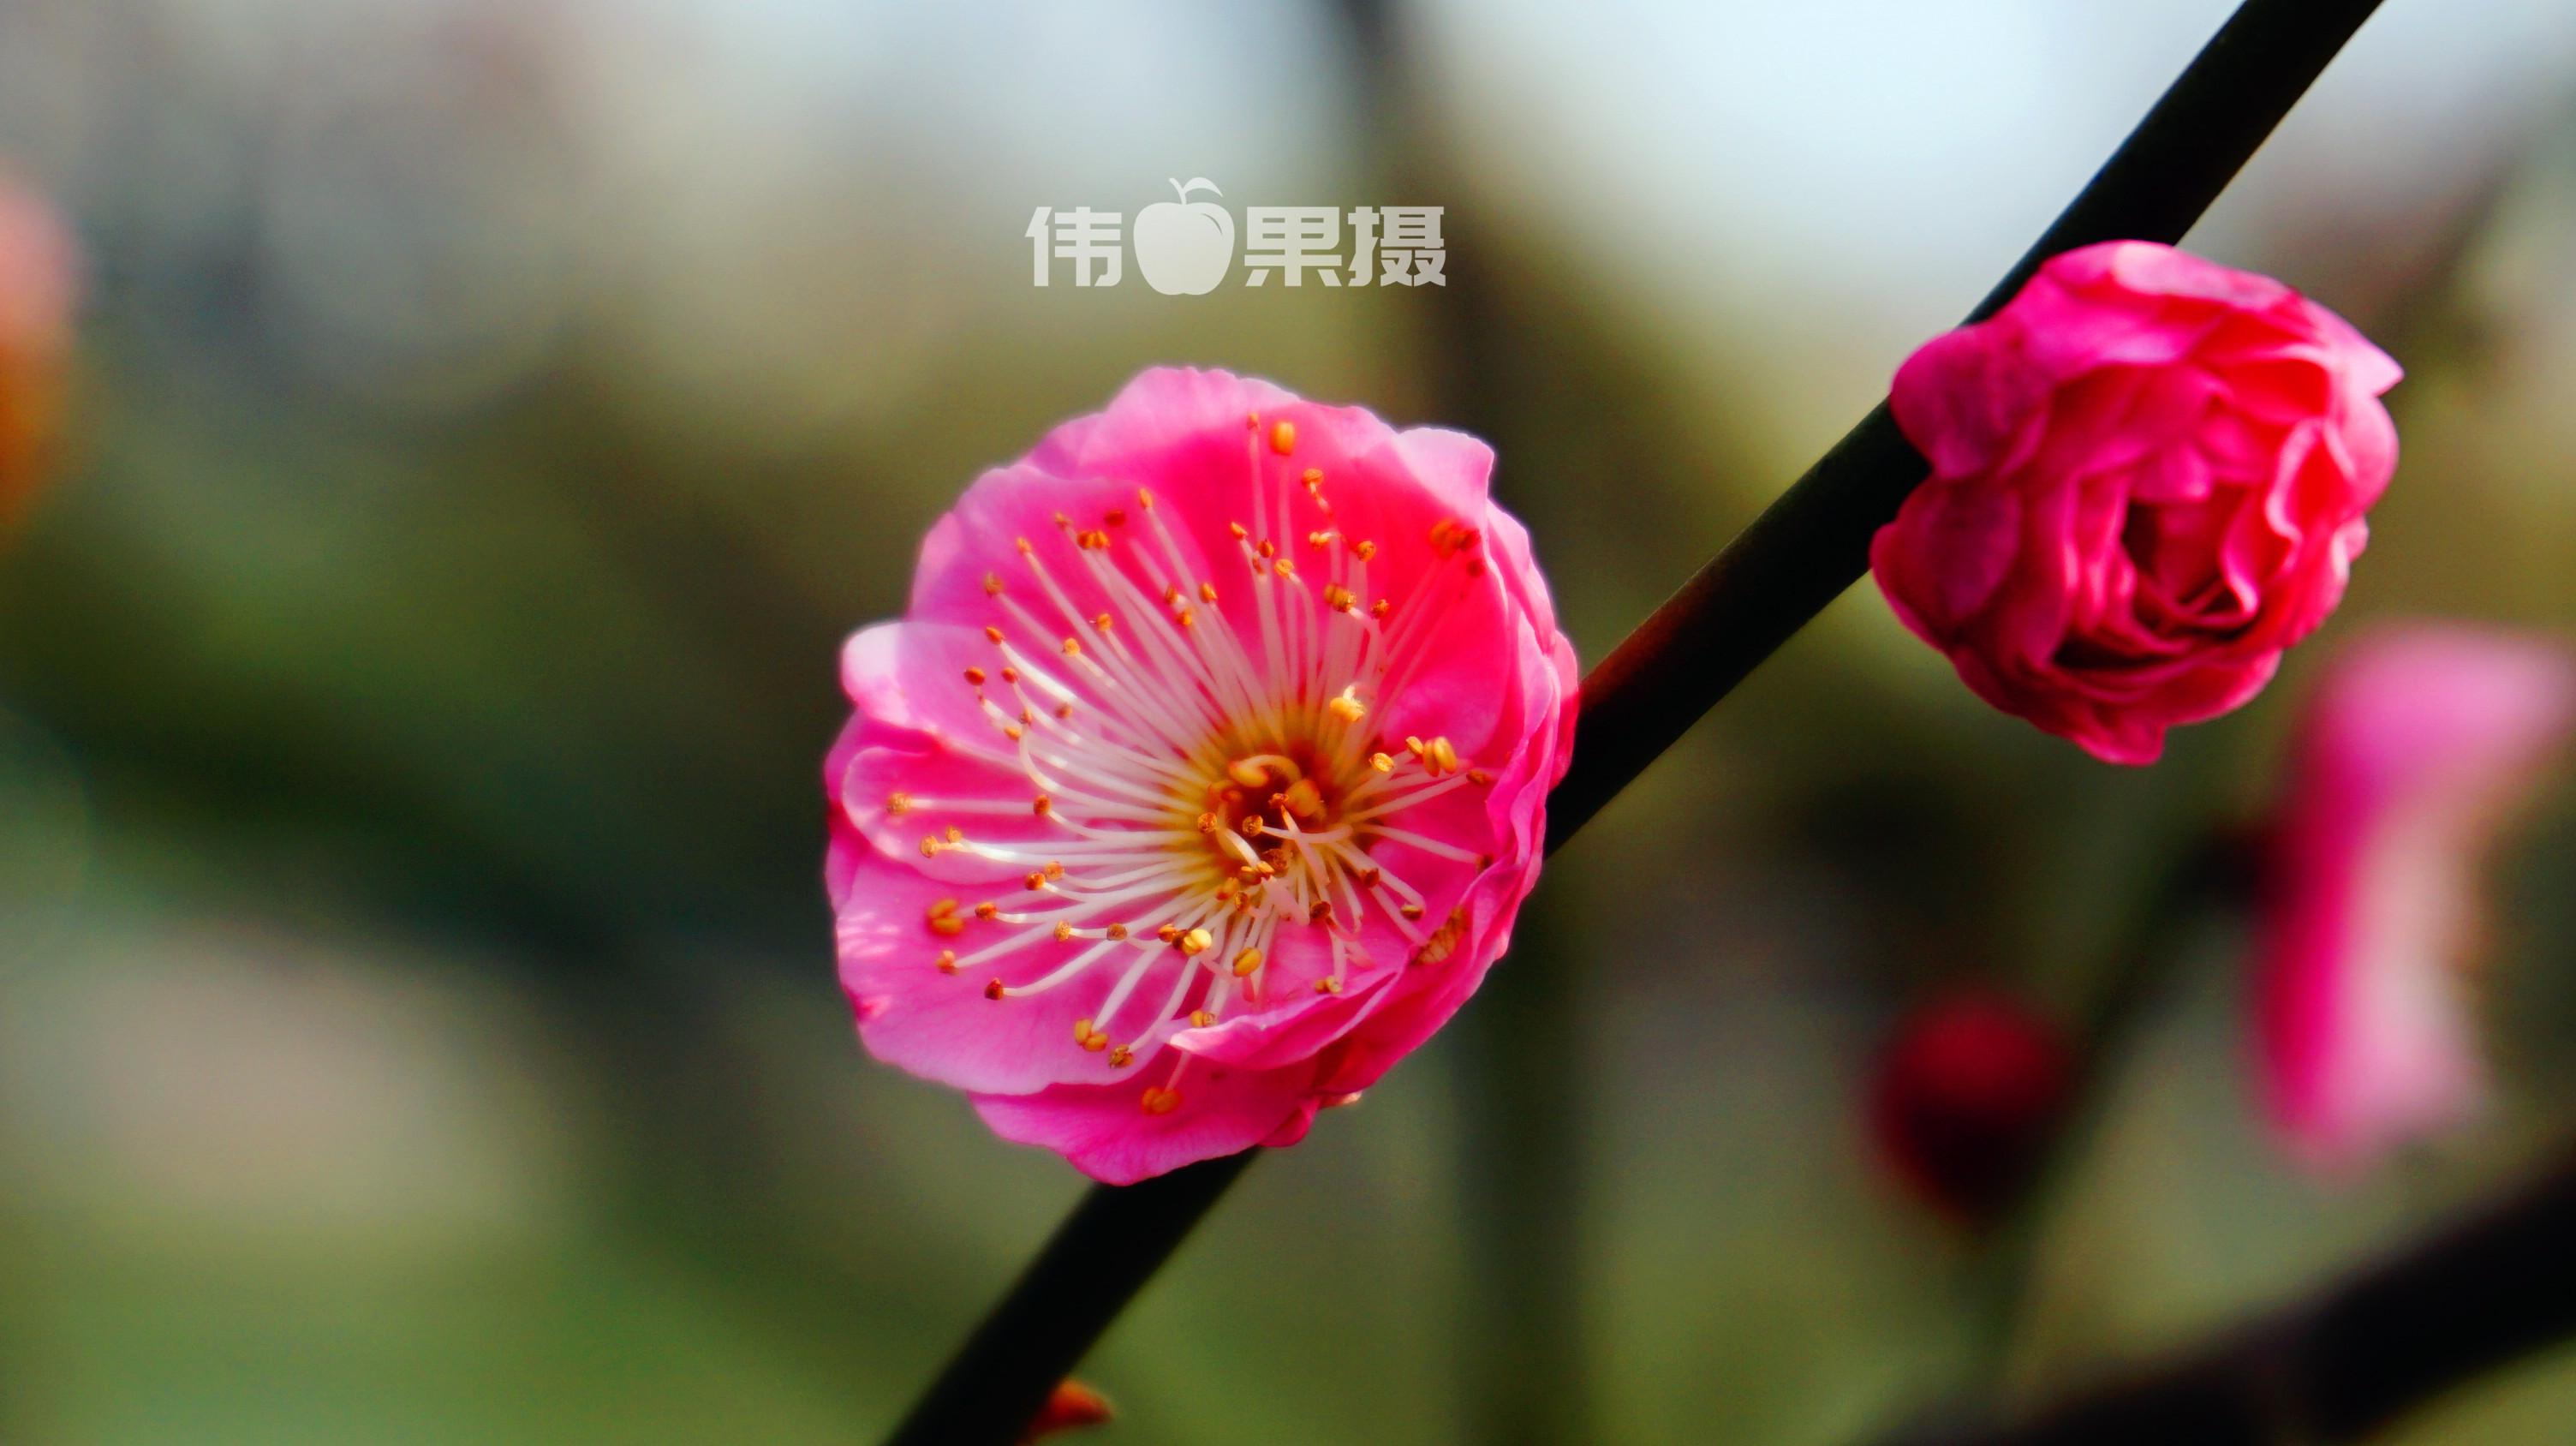 梅花图片 (7)_副本.jpg